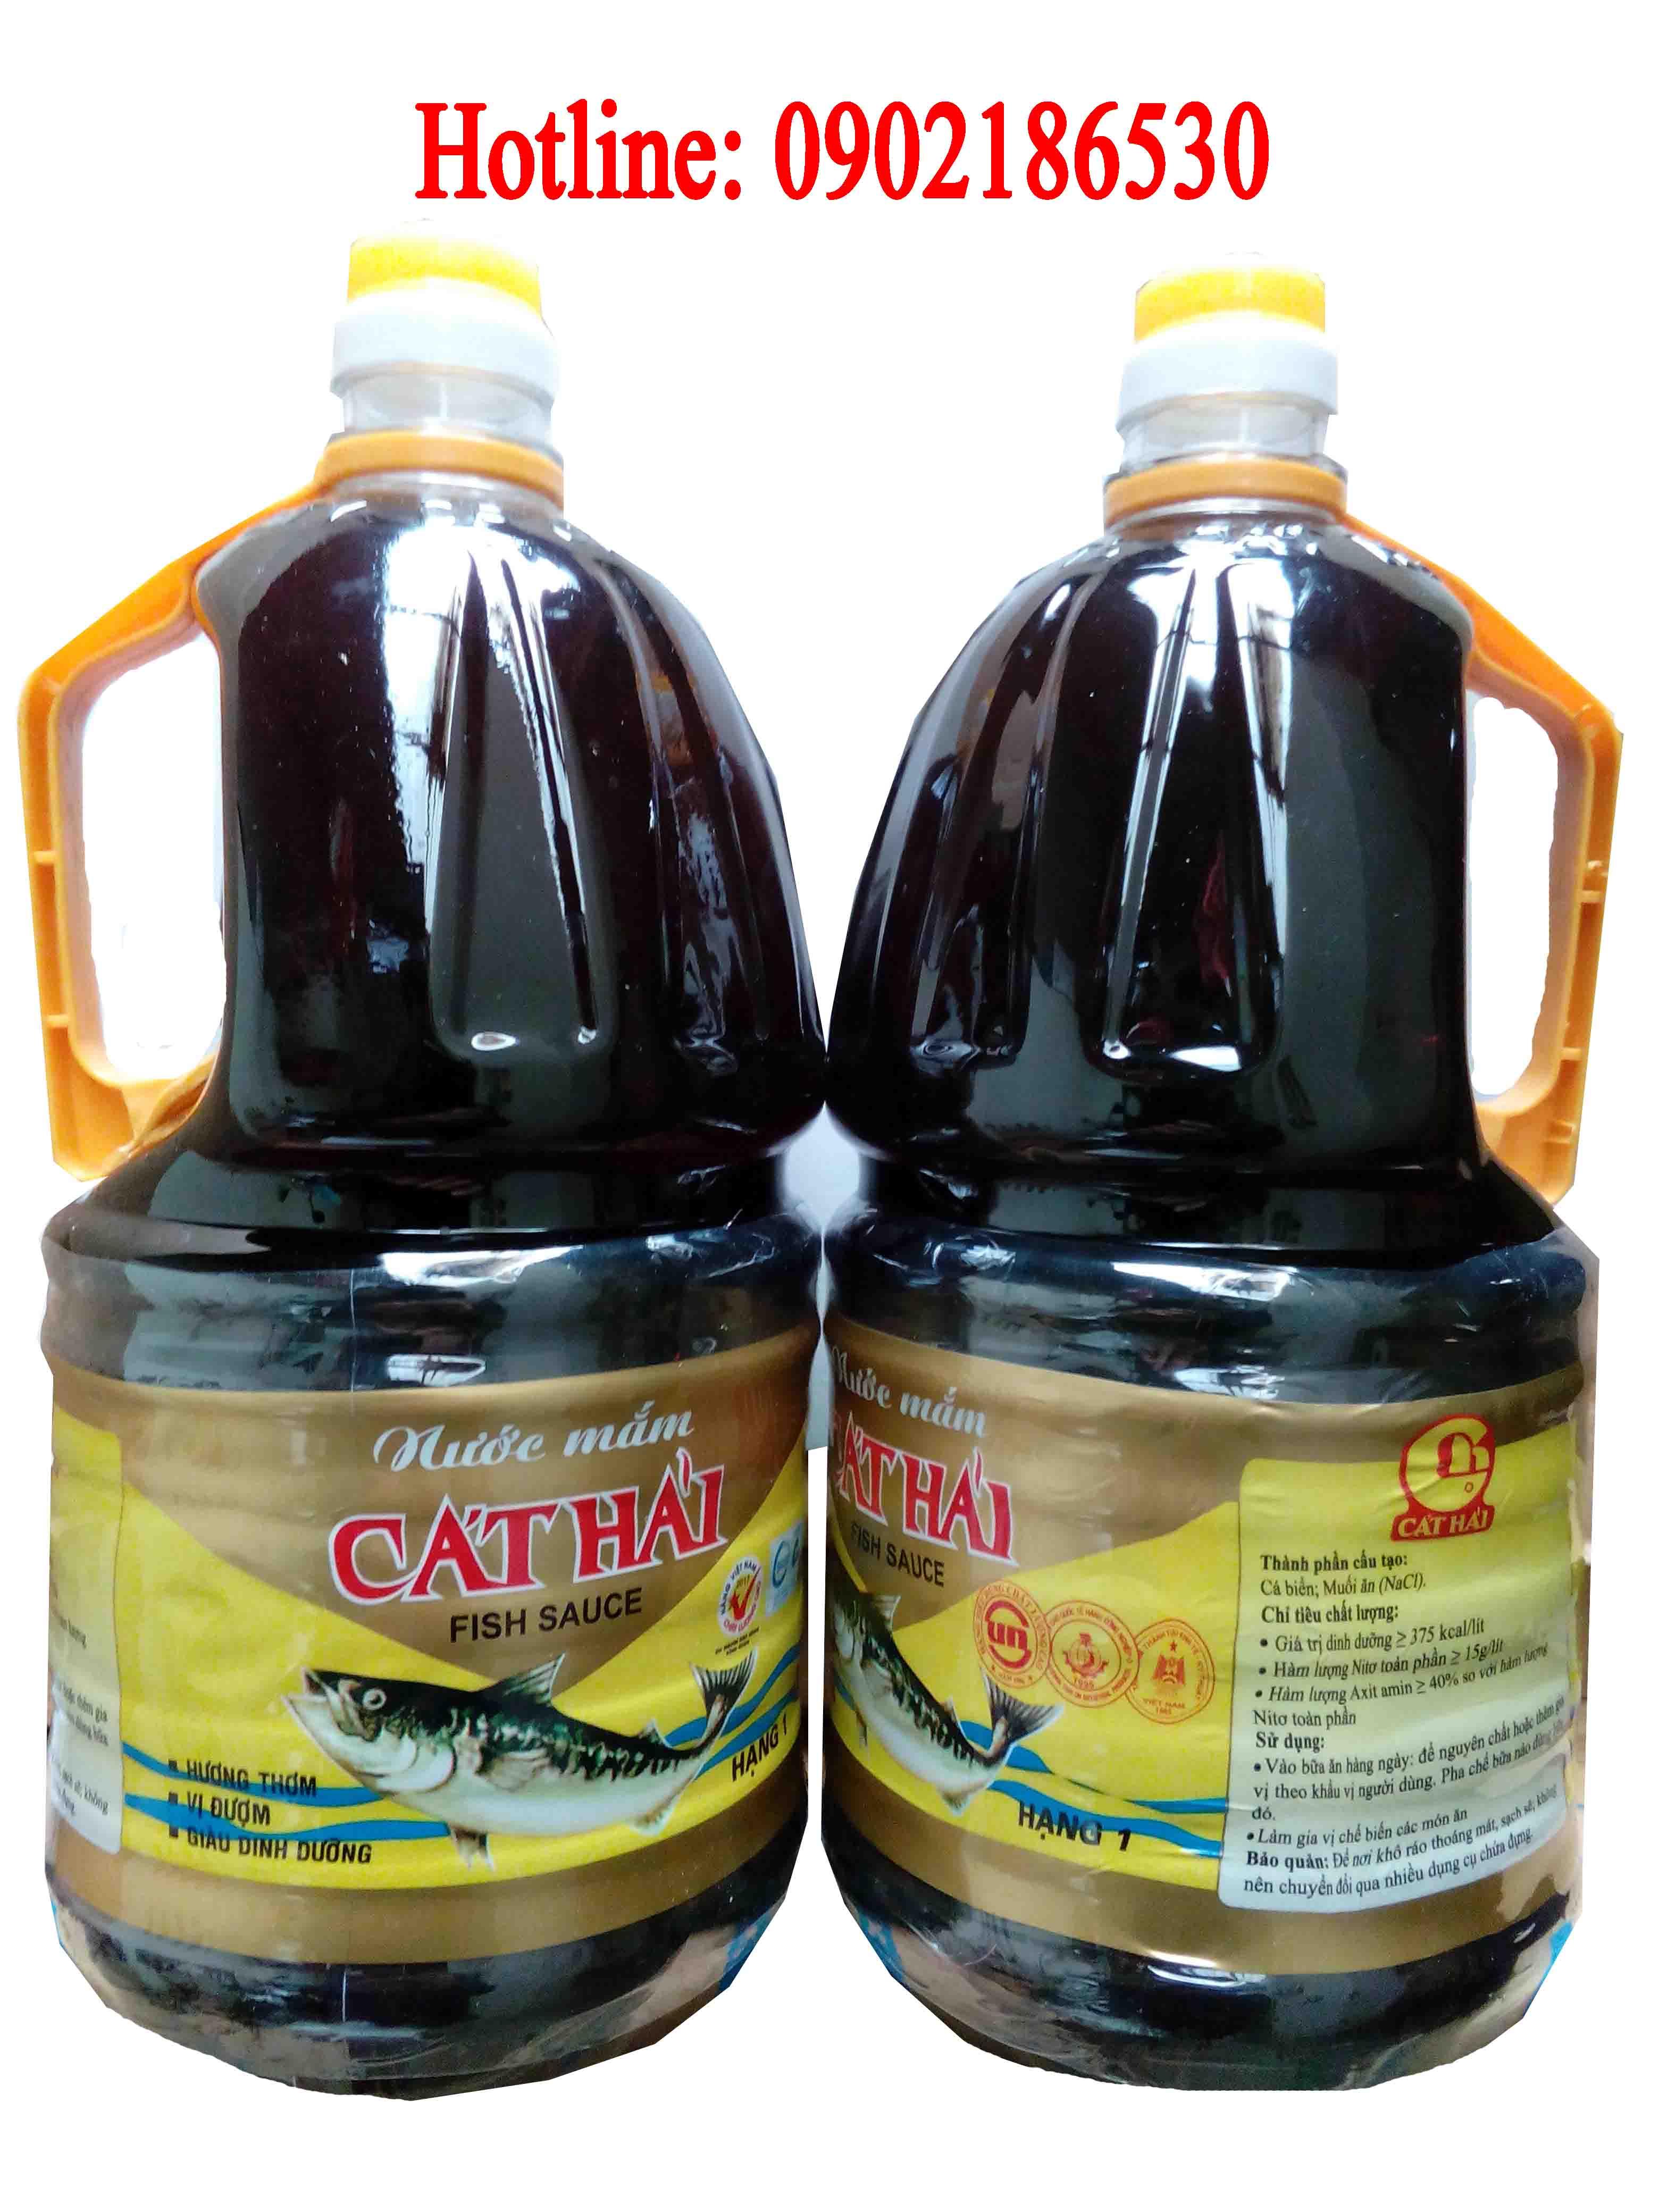 Nước mắm Cát hải Hạng 1 (can 2 lit)